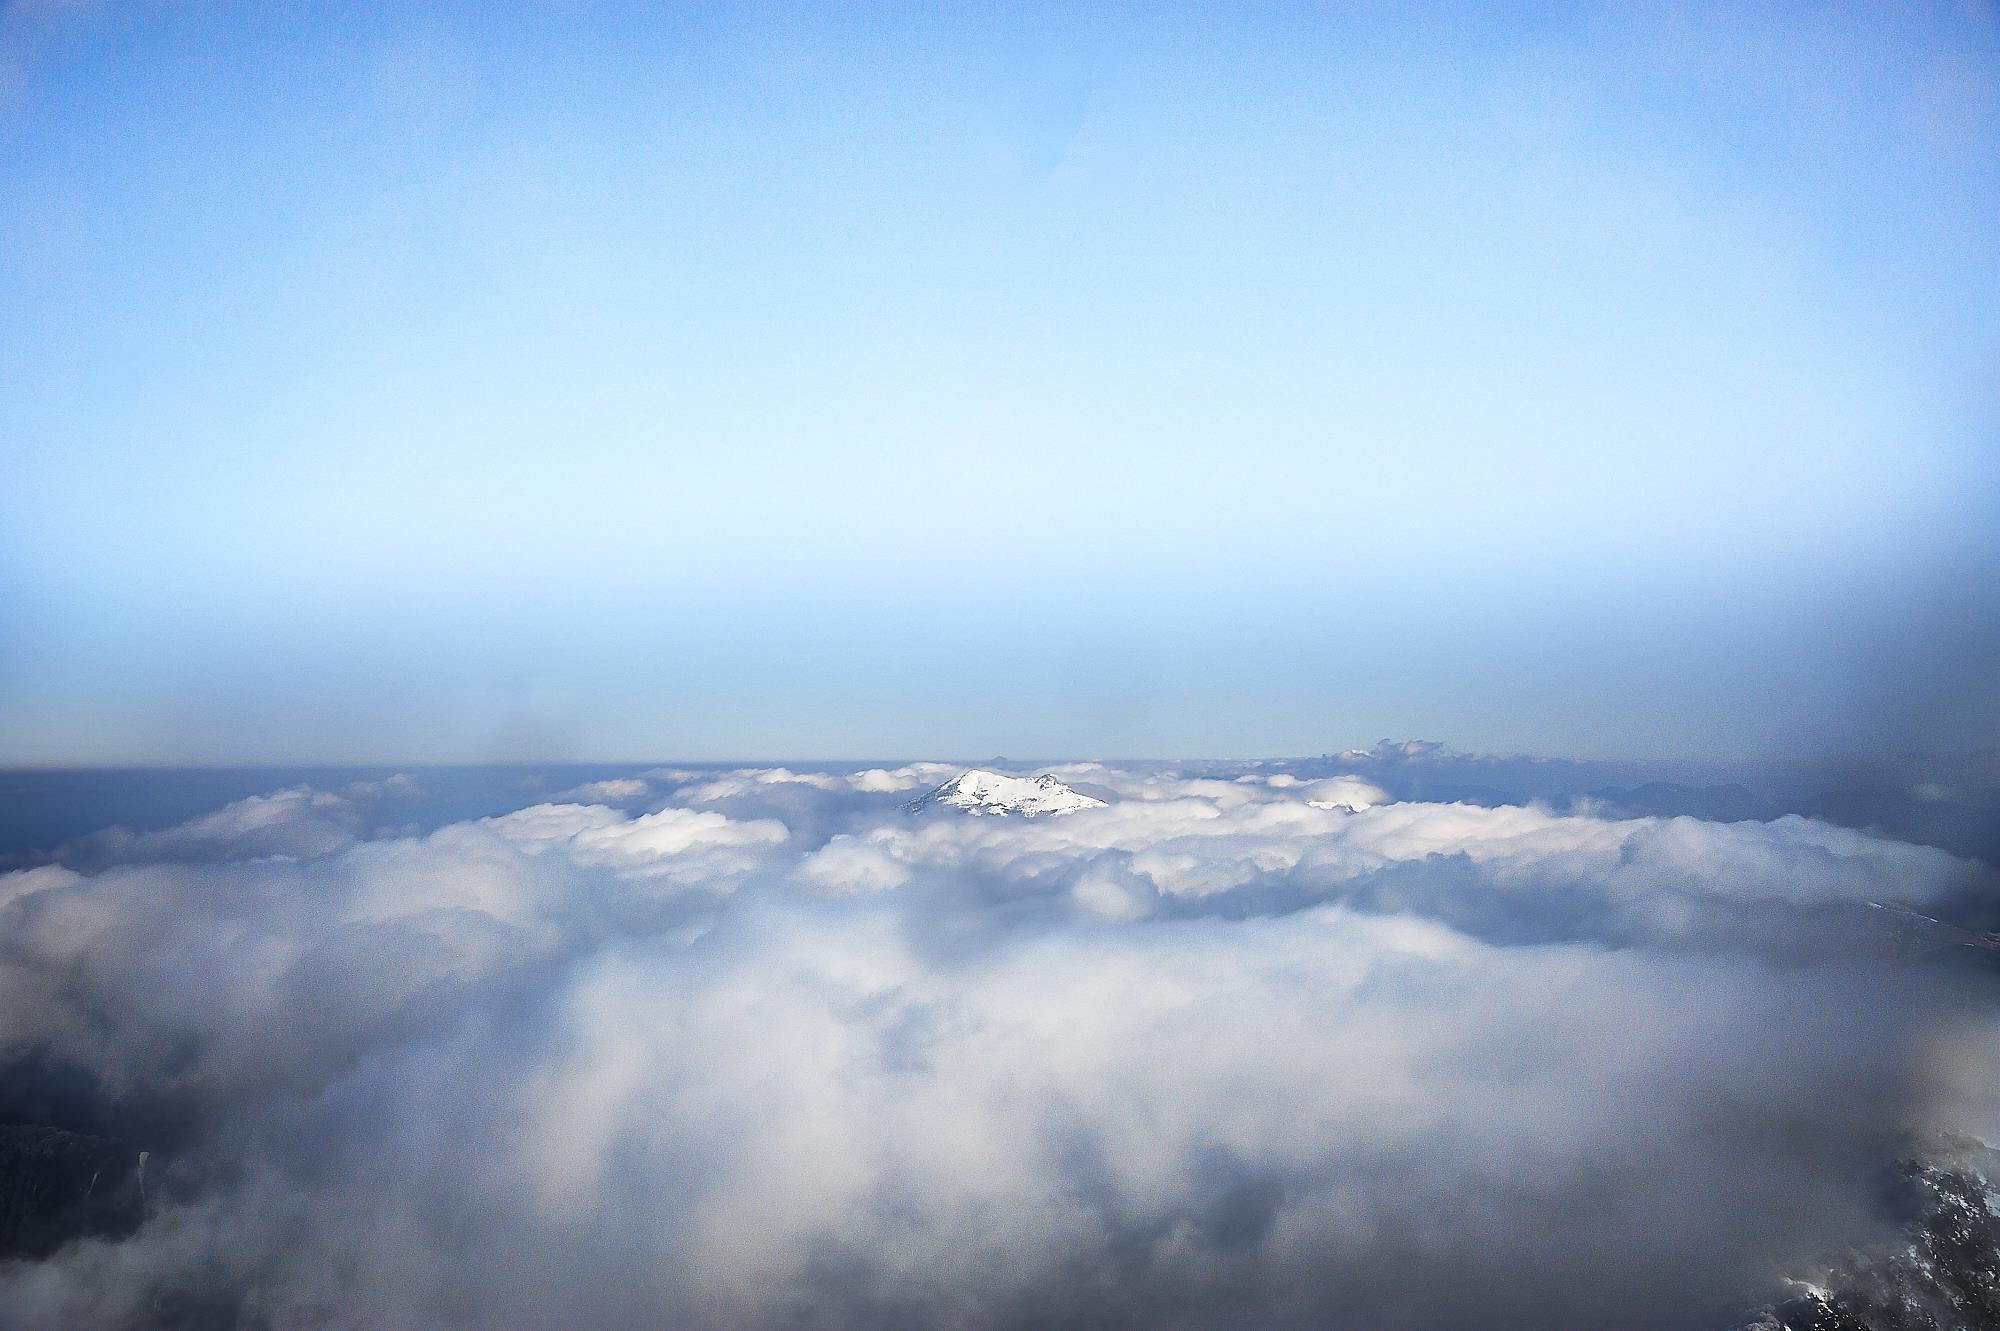 冬の雪山の石鎚山山頂からの景色